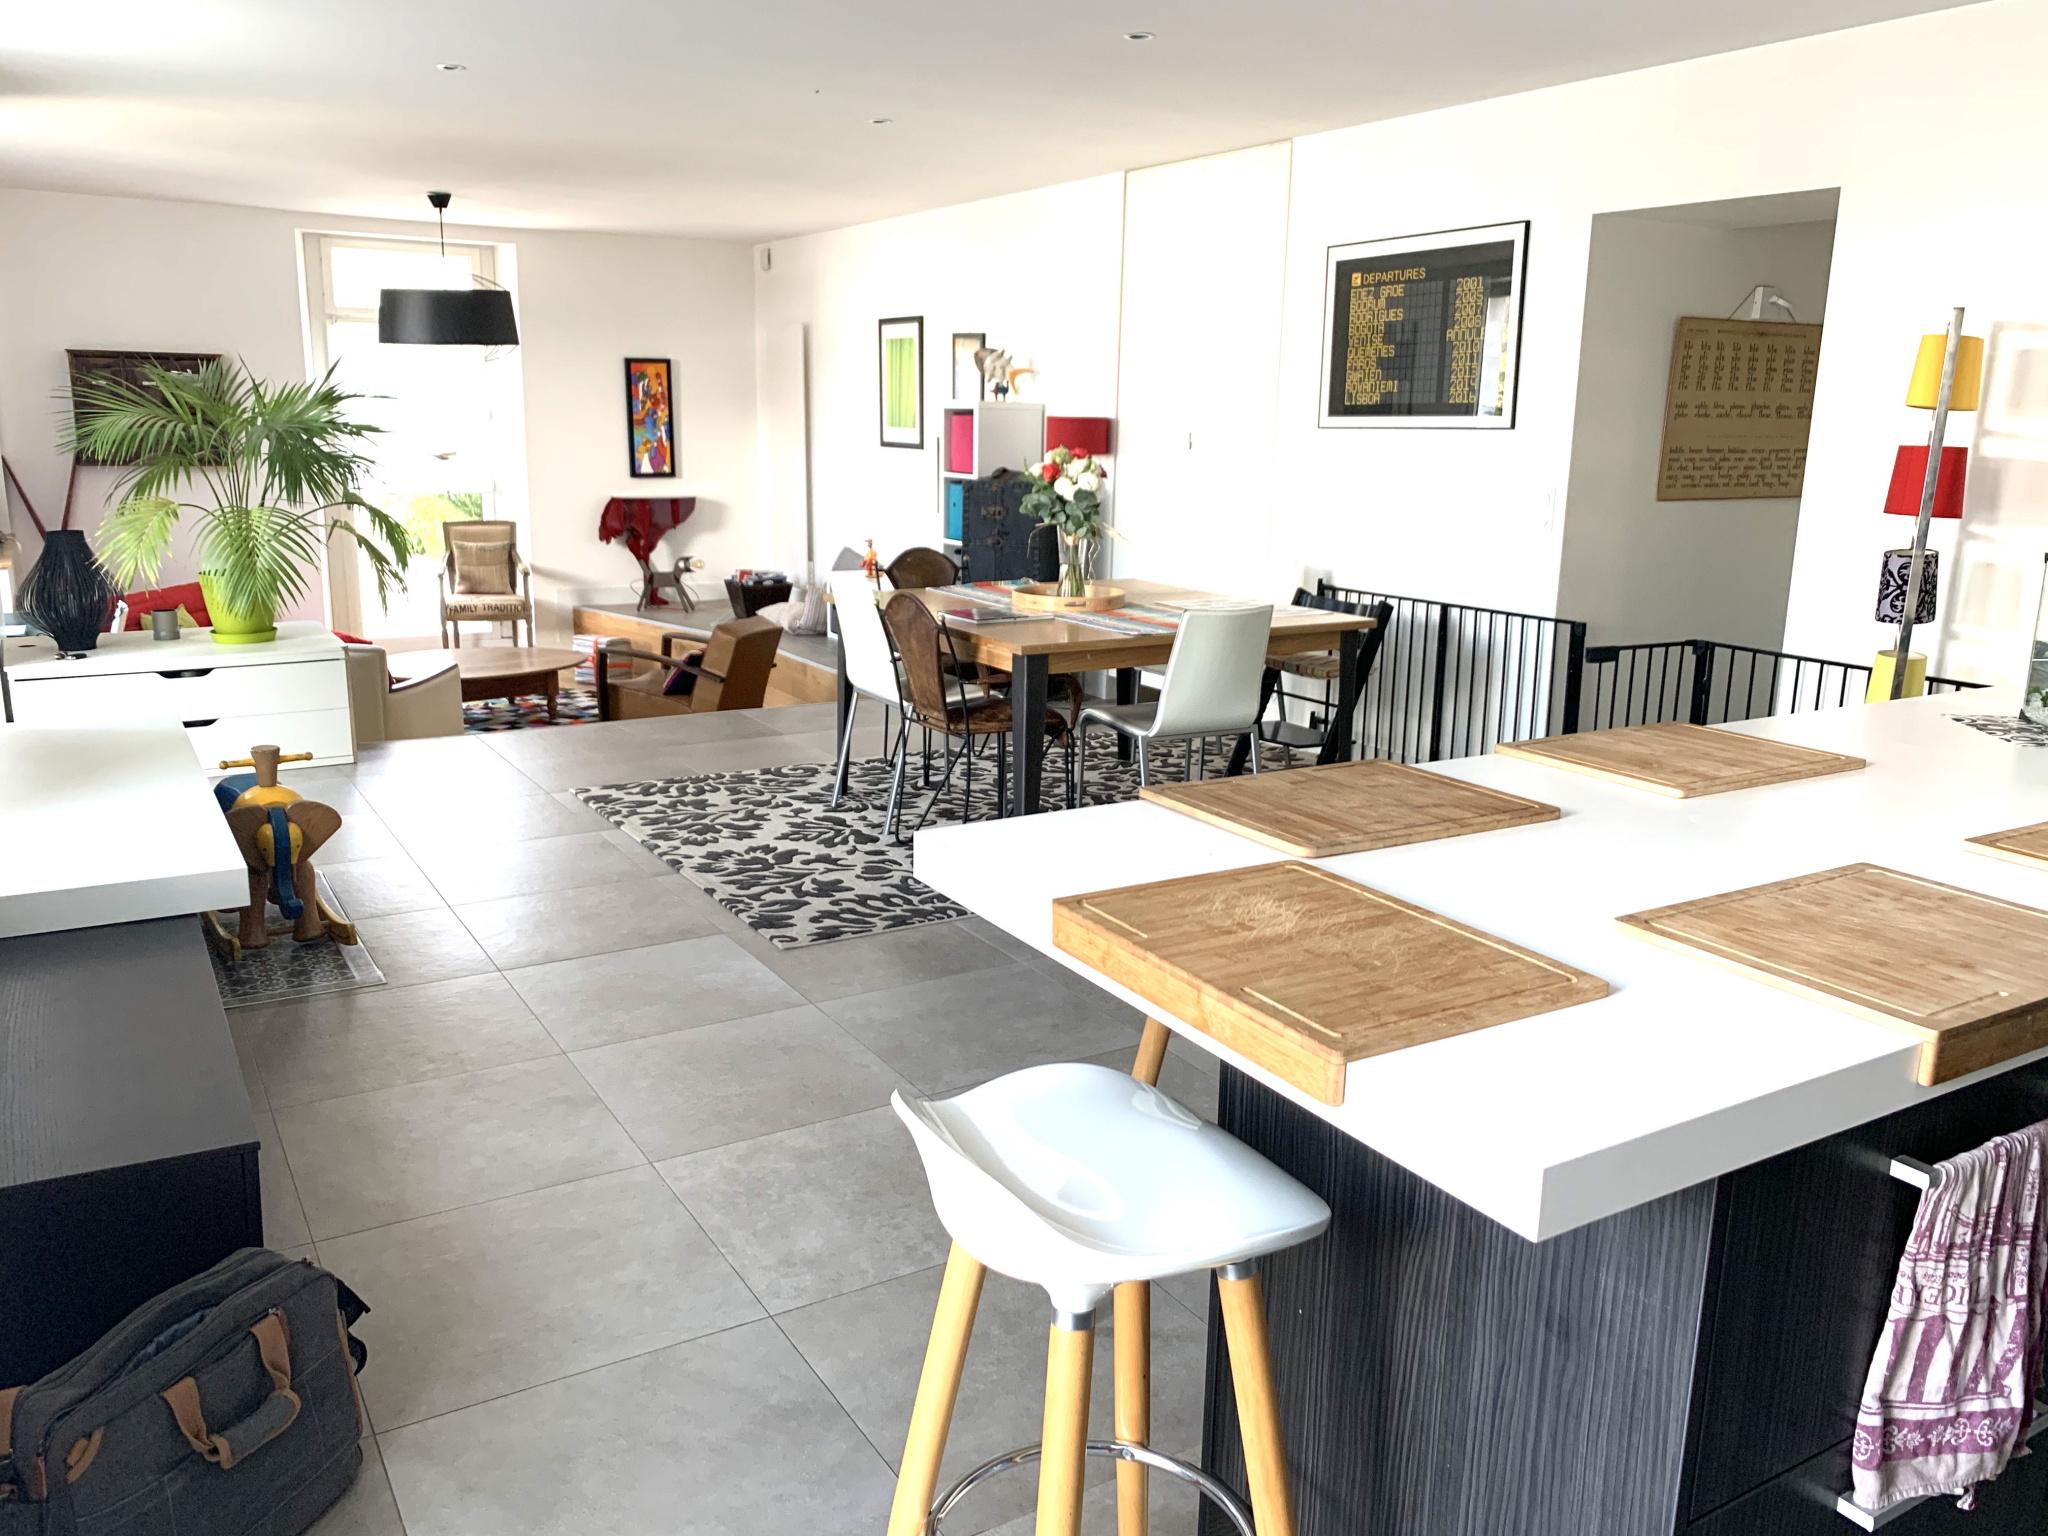 Maison à vendre à Plouharnel